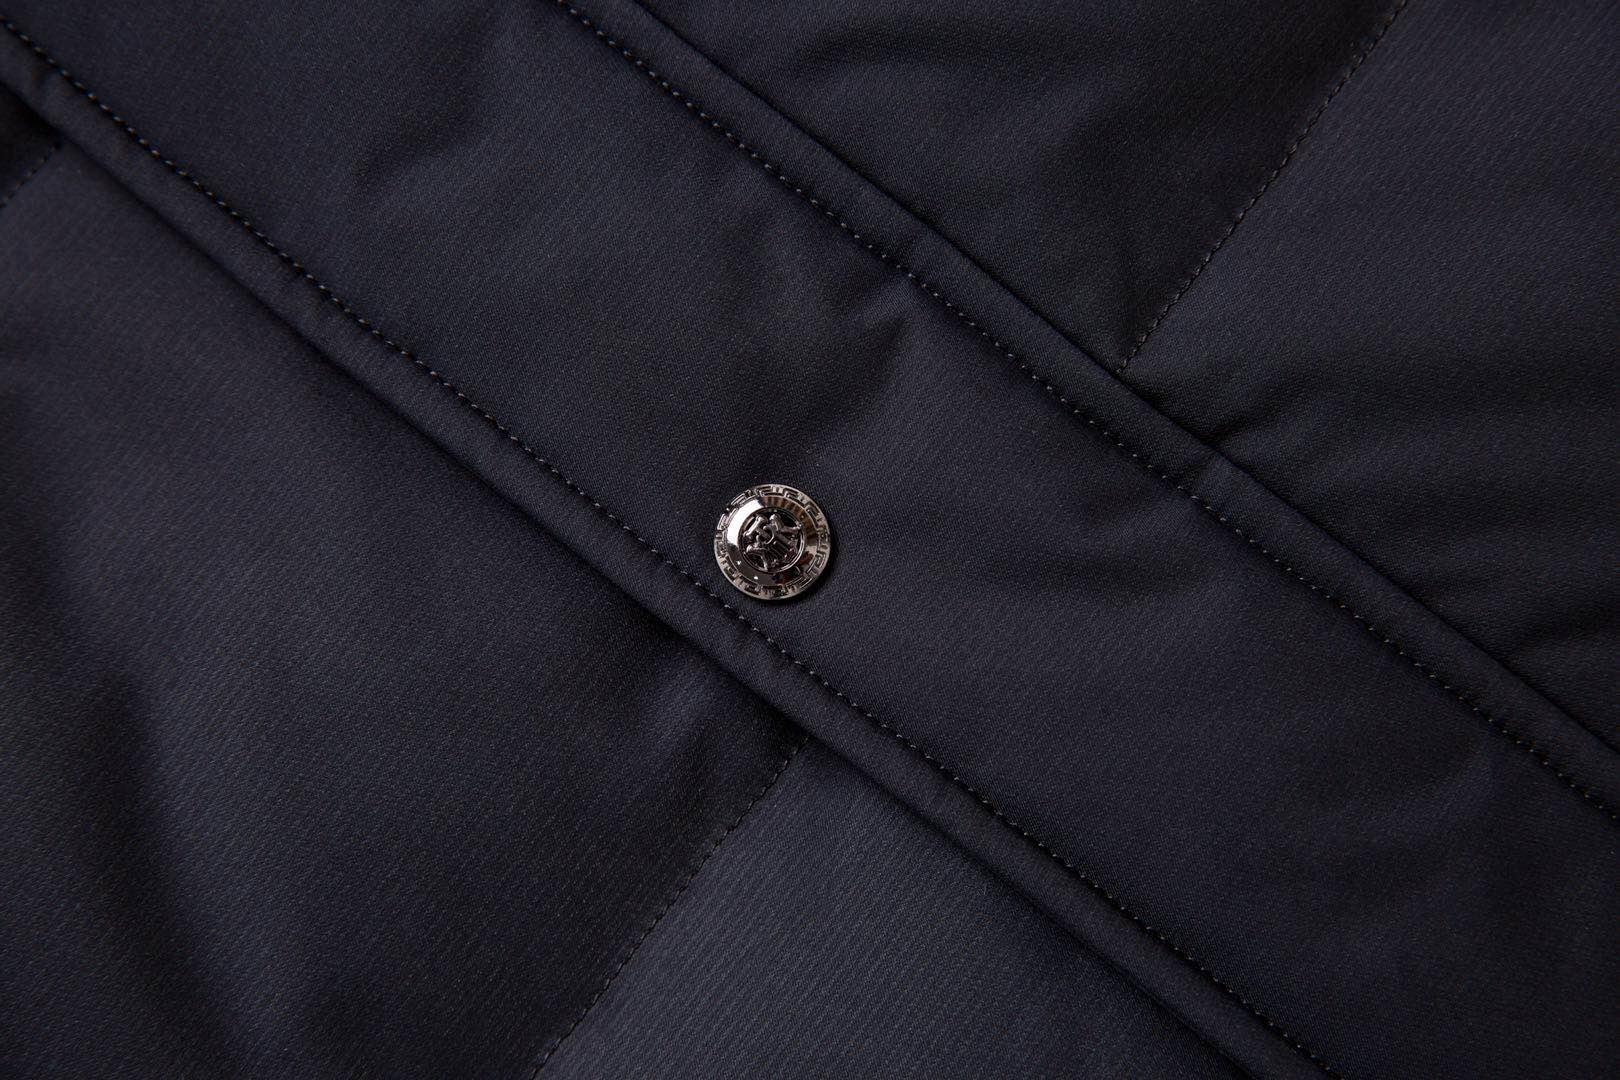 嗨团短款大红鹰羽绒服26.jpg